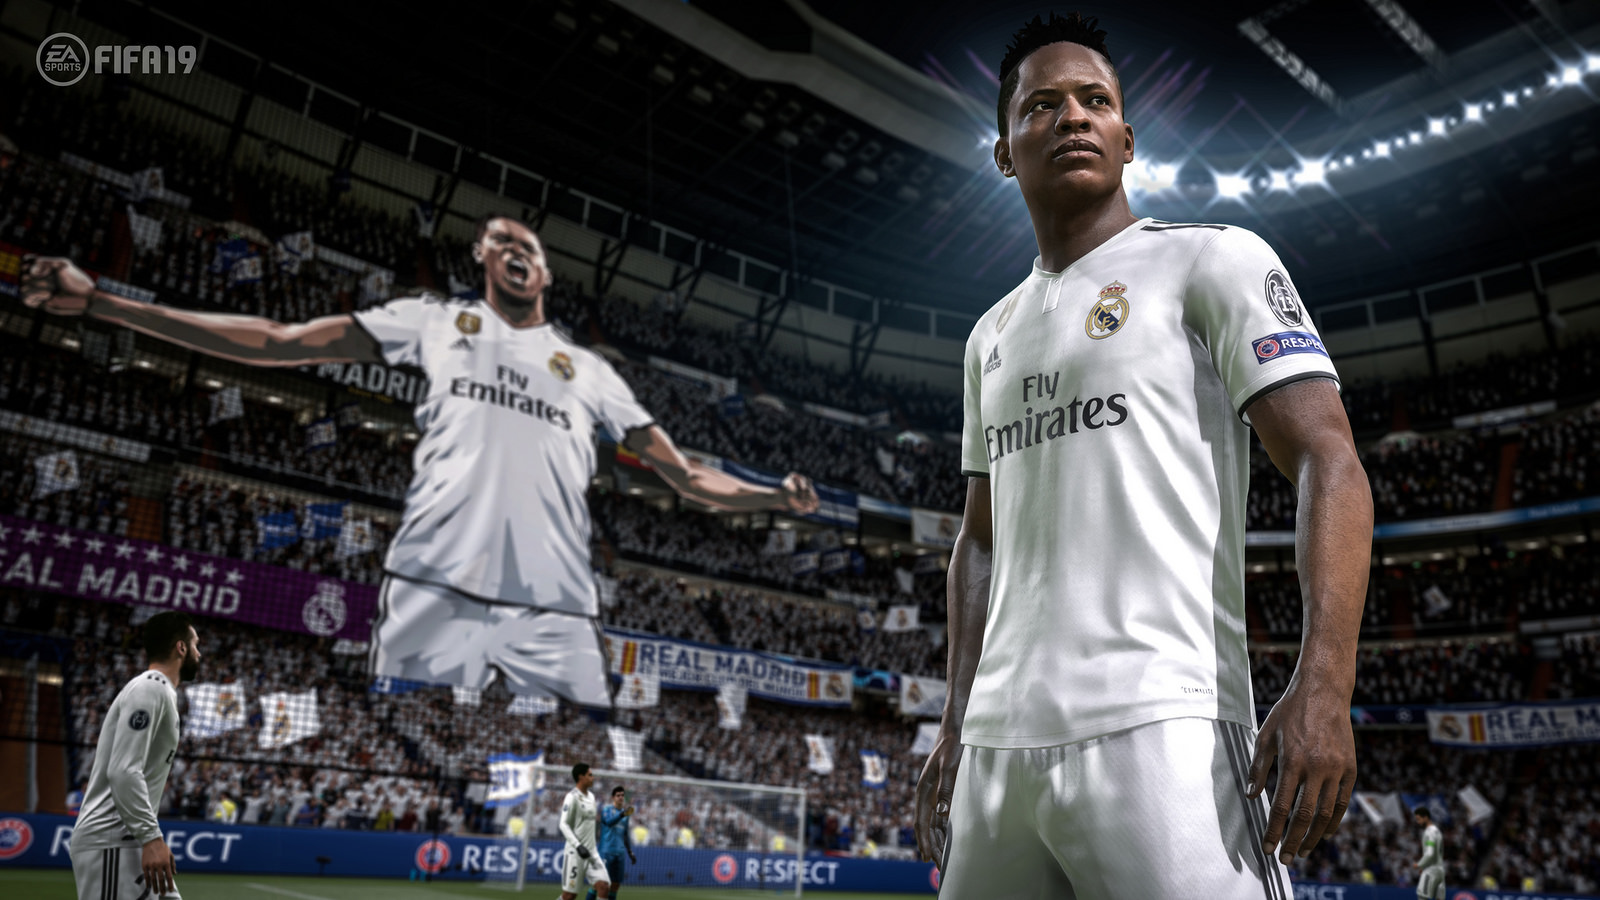 Скачать FIFA 19 демо для PS4, Xbox One и PC можно 13 сентября